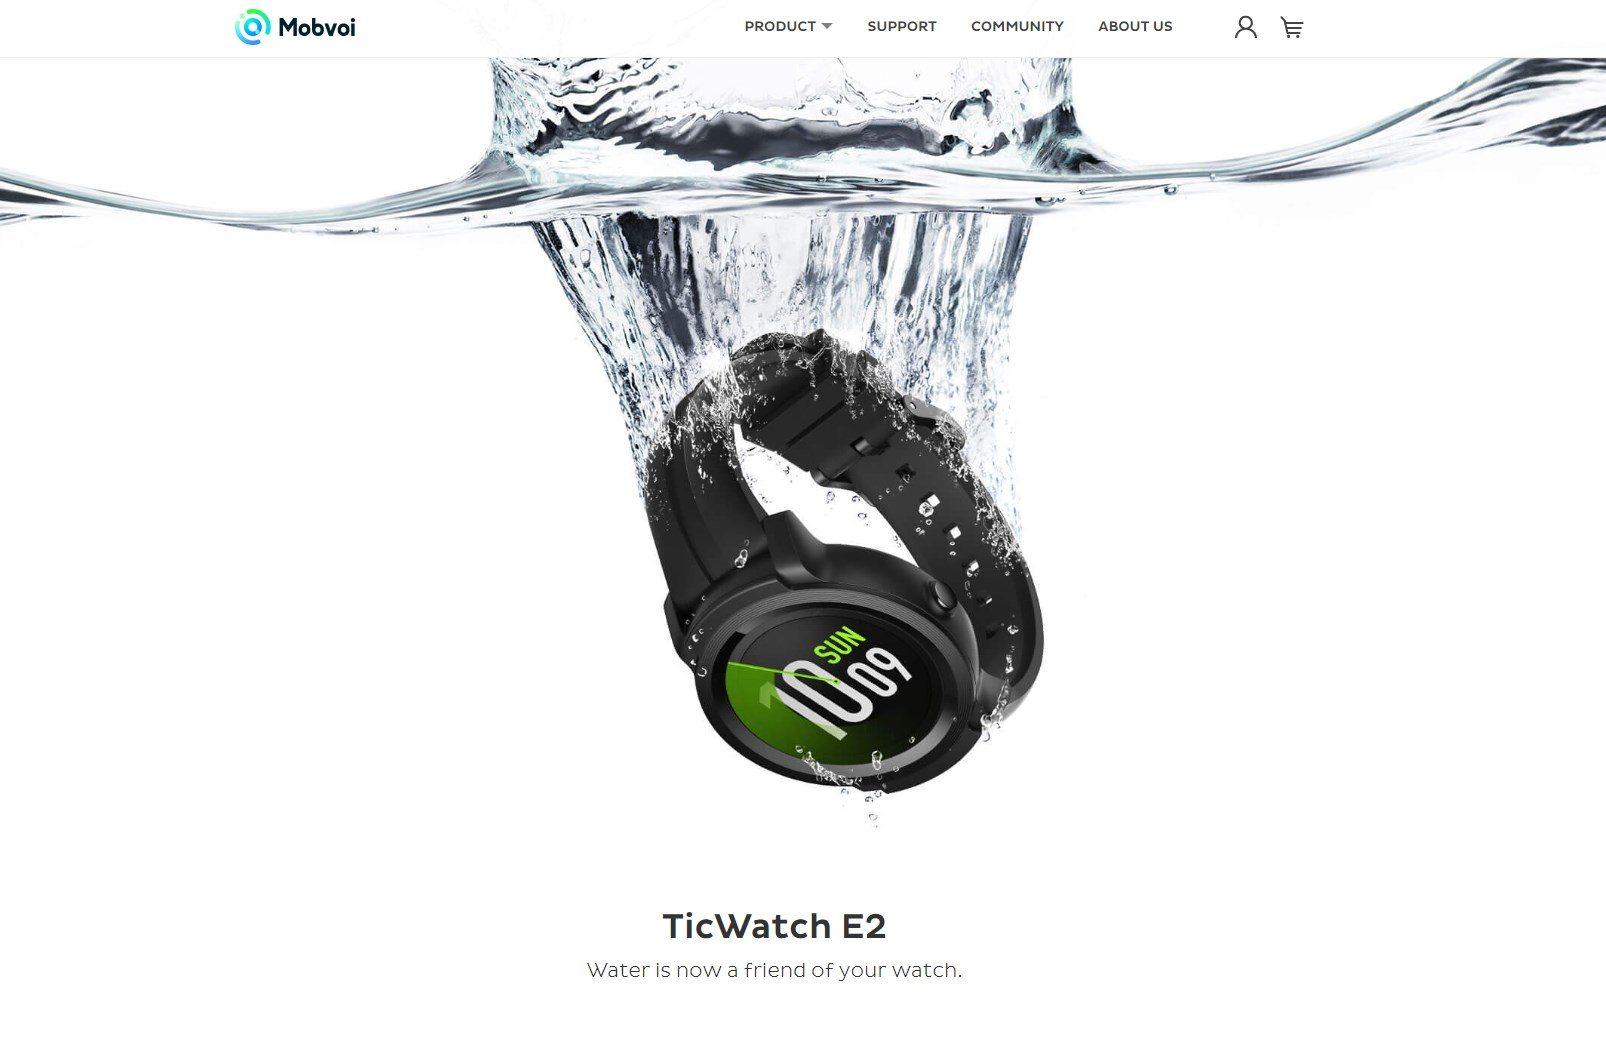 Un misterioso Ticwatch E2 appare sul sito di Mobvoi ...